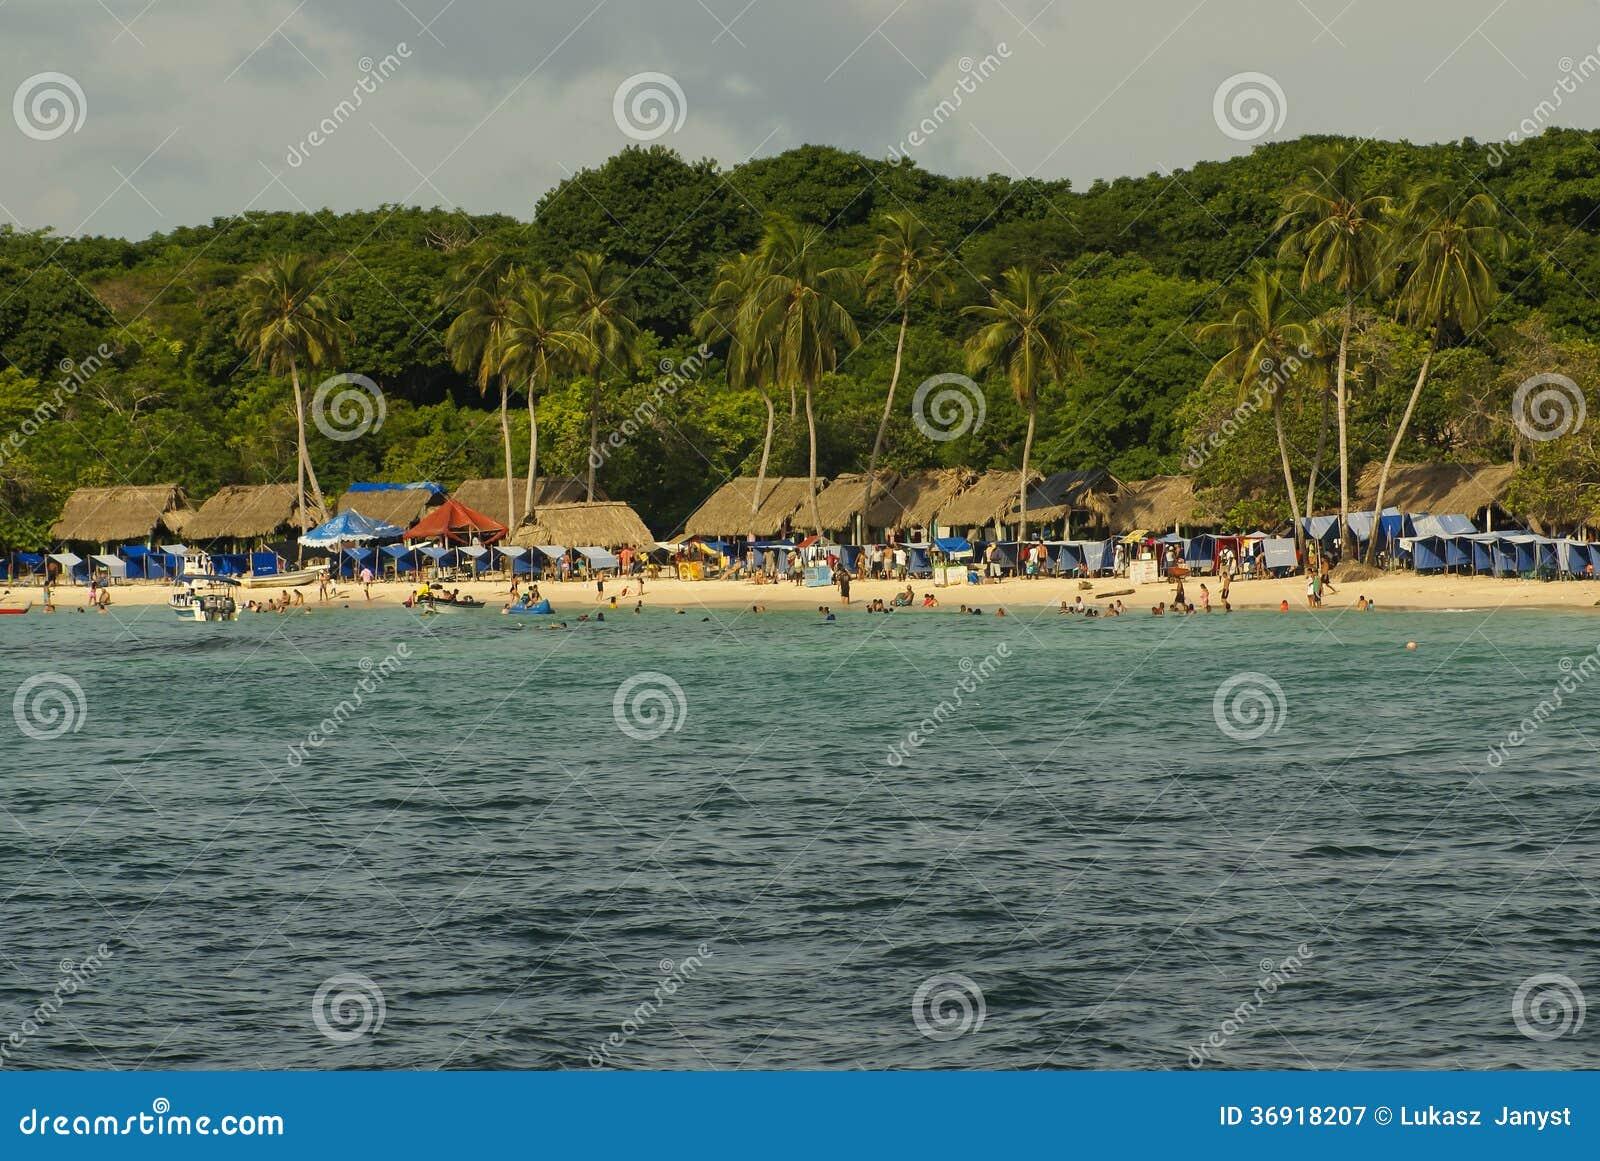 Rosario wyspy są archipelagiem zawierający 27 wysp lokalizować wokoło dwa godziny łodzią od Cartagena De Indias, Kolumbia.